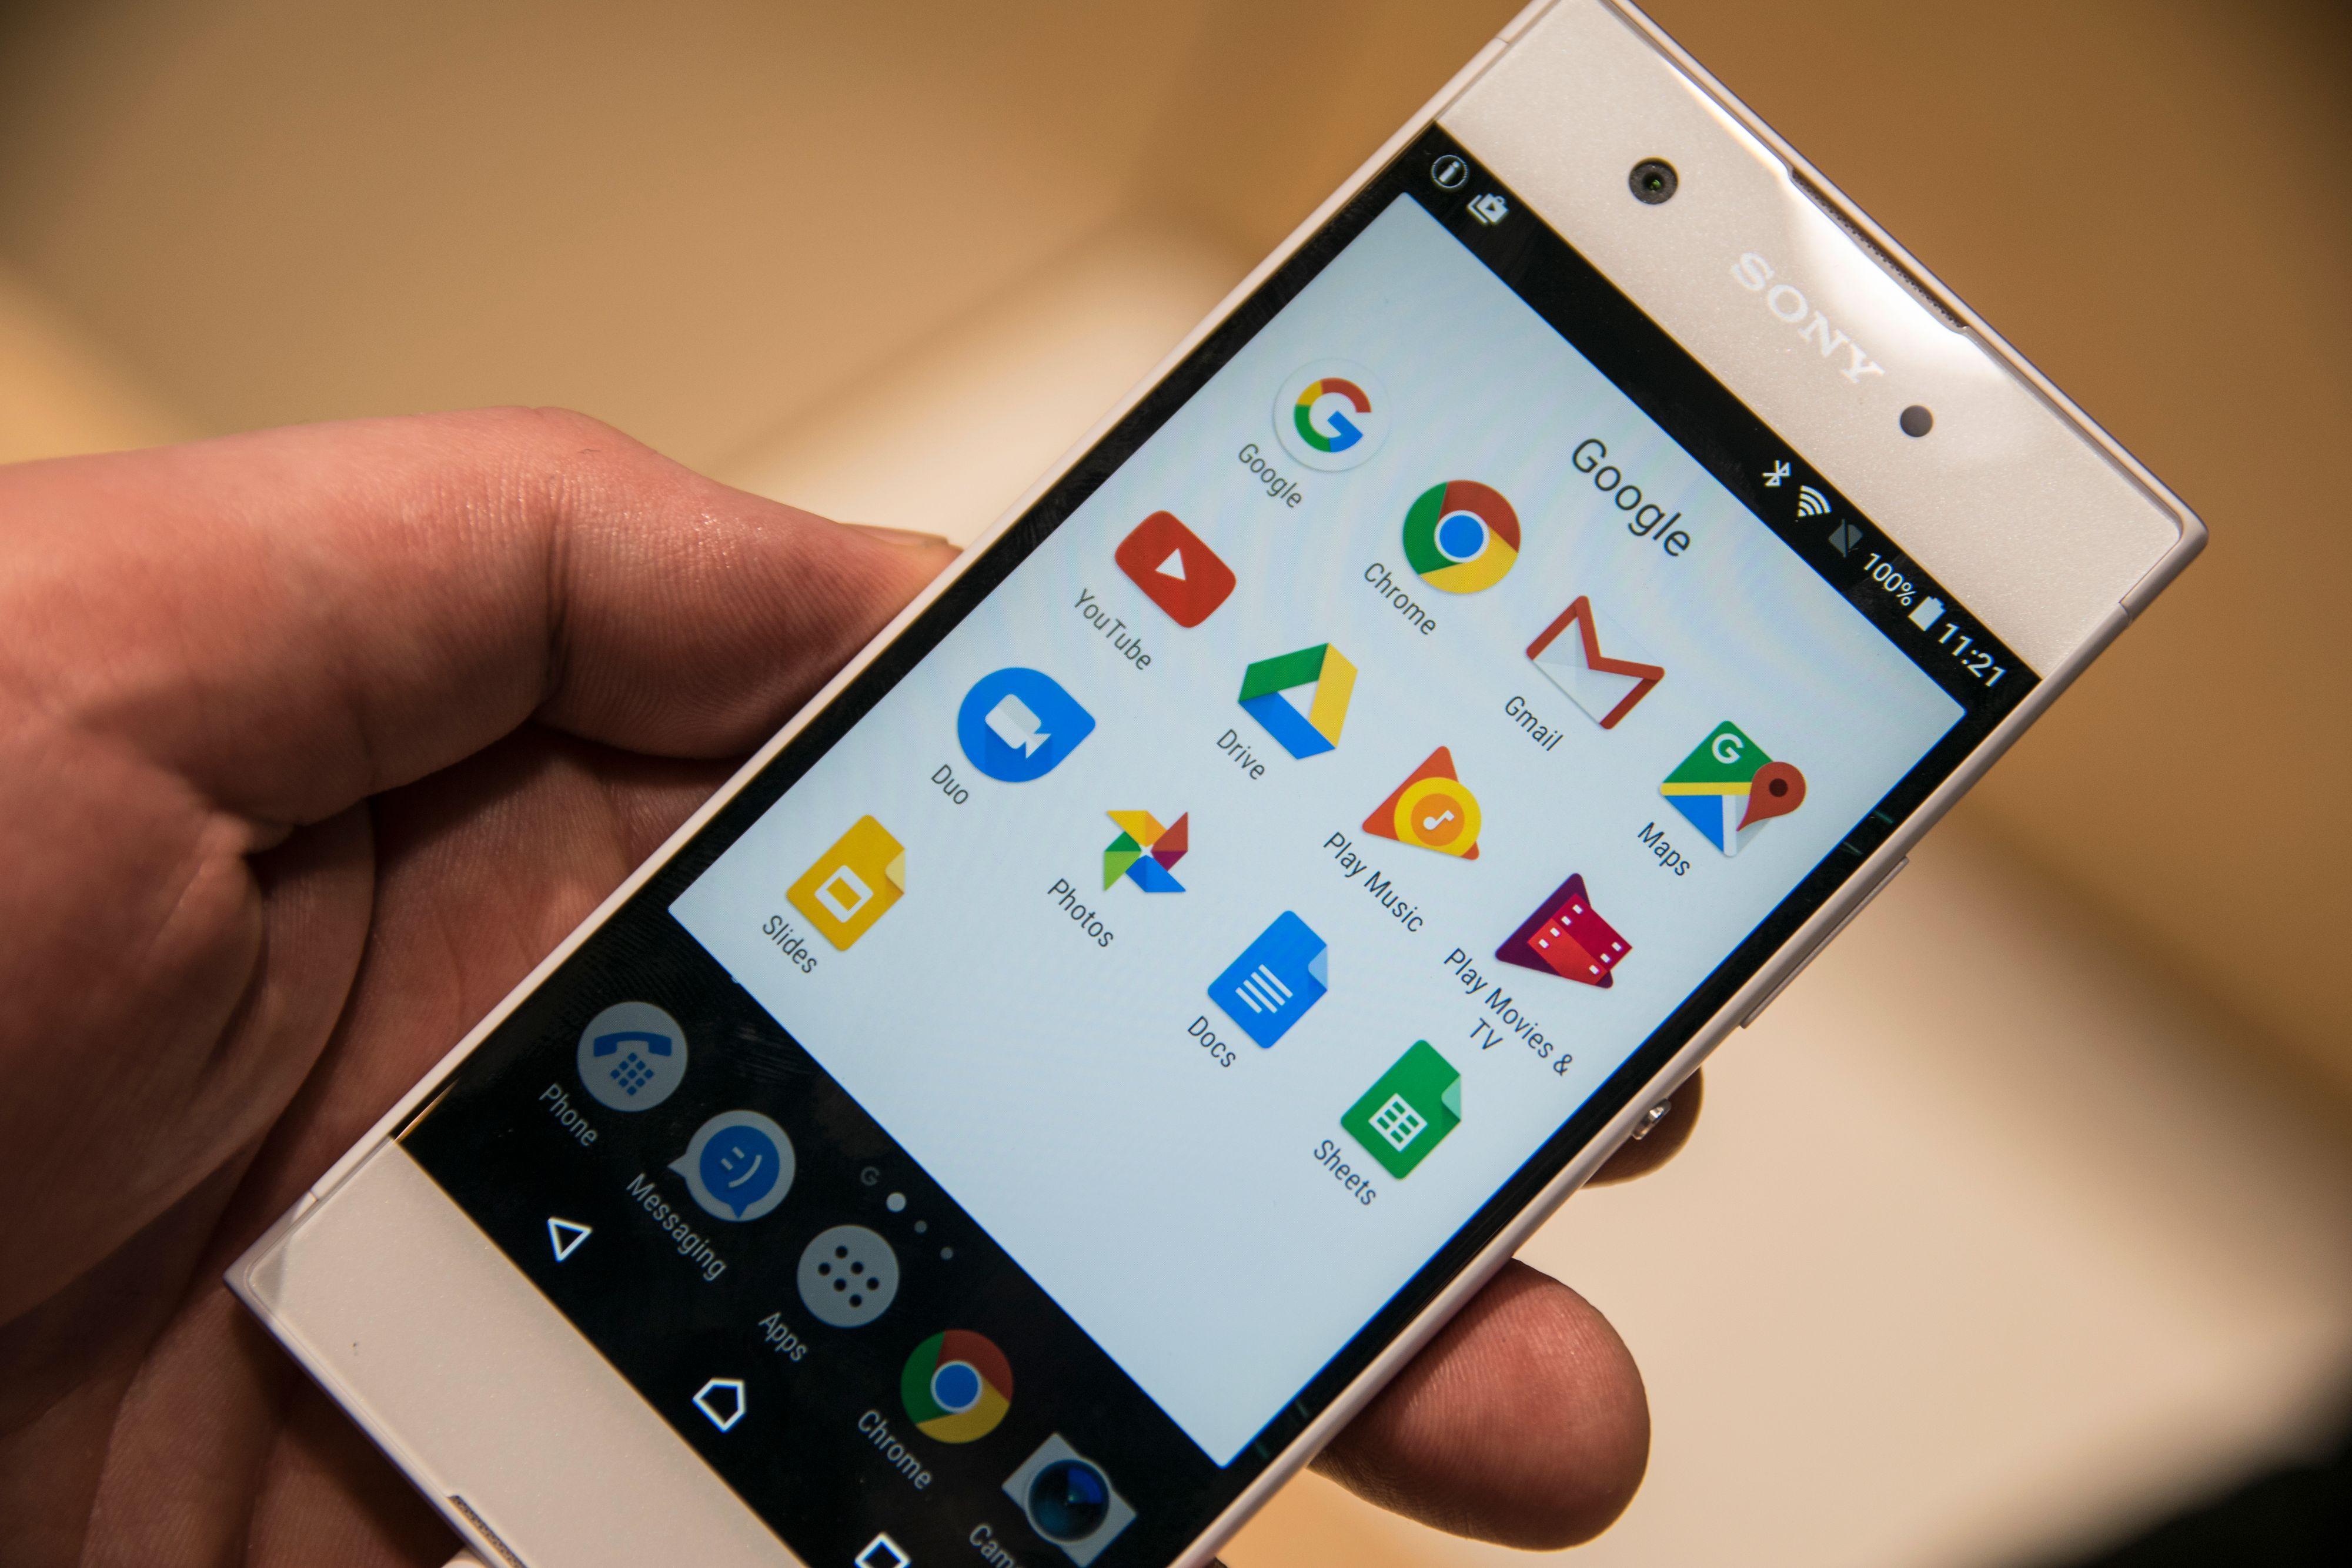 Sony kjører et enkelt og vanligvis kjapt brukergrensesnitt oppå Android. Det var ikke så raskt som vi forventet i forrige utgave XA, men XA1 virket vesentlig kvikkere.